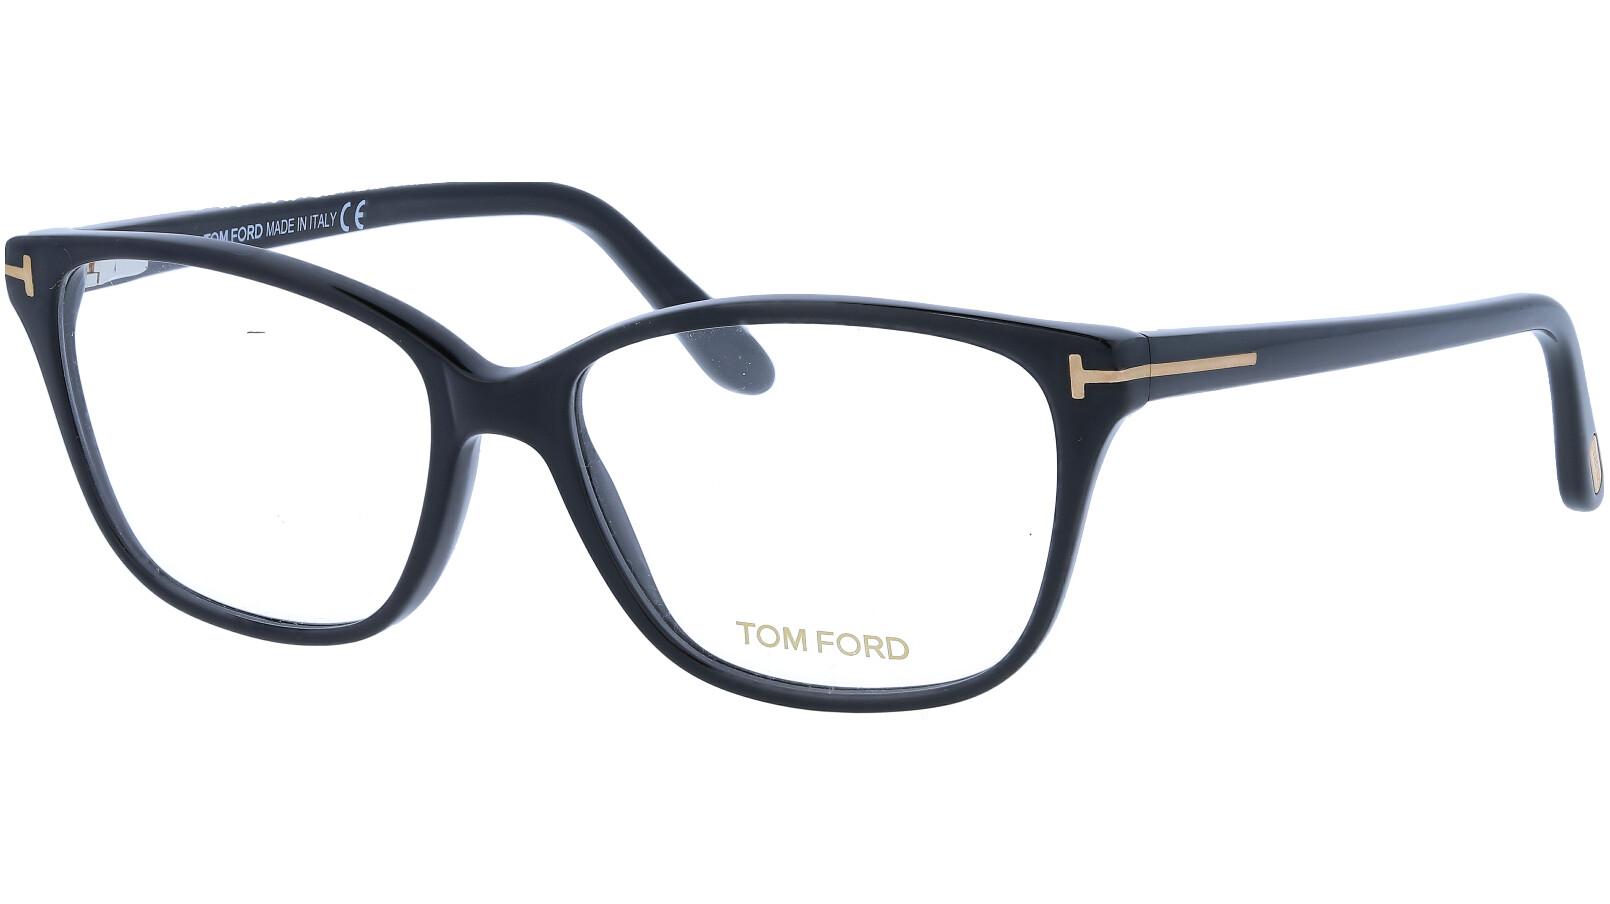 TOM FORD FT5293 001 54 BLACK Glasses